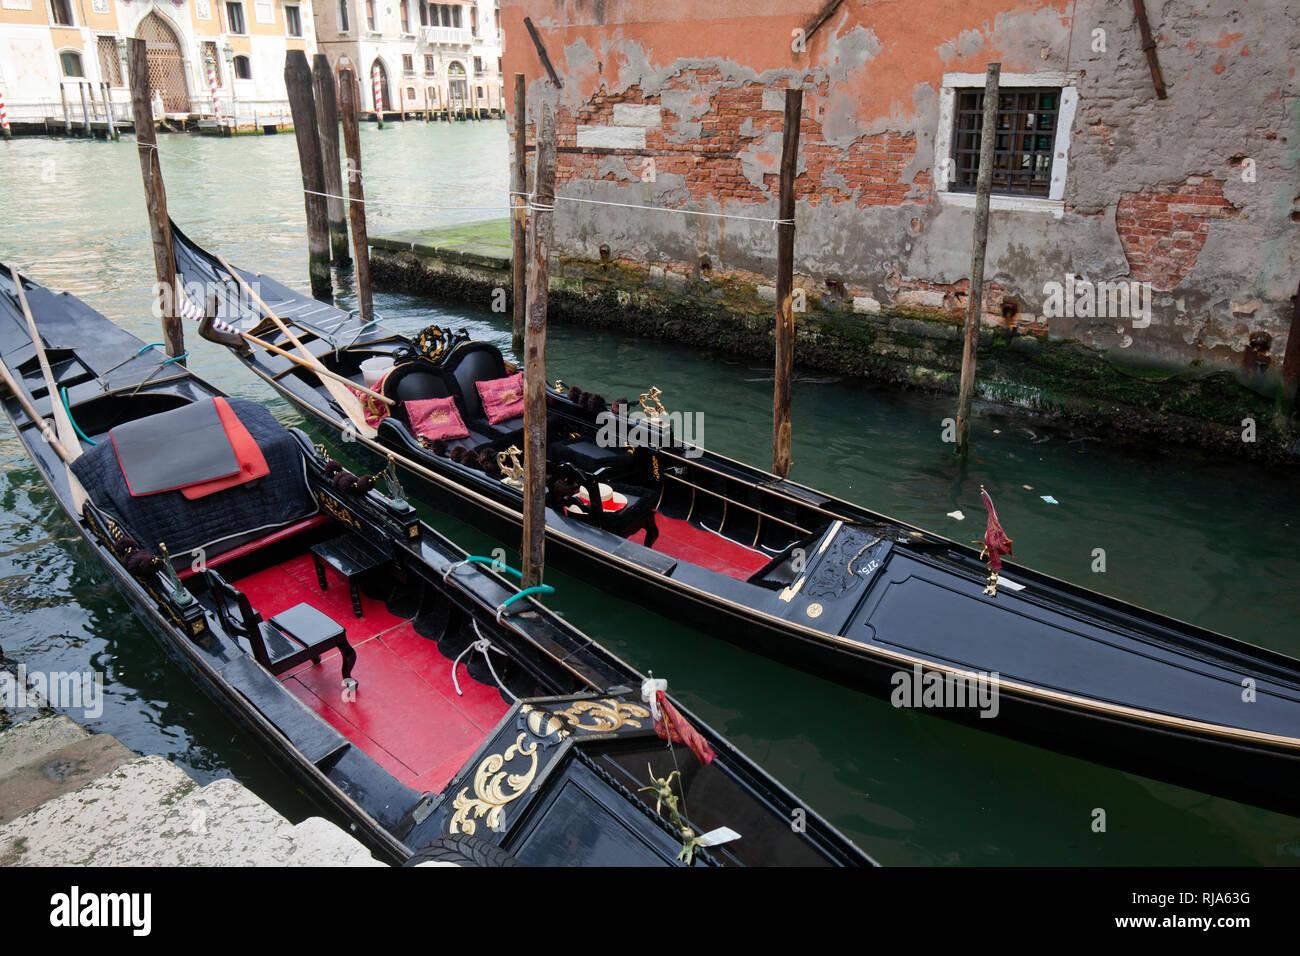 zwei schwarze Gondeln liegen in schmalem Kanal in Venedig - Stock Image